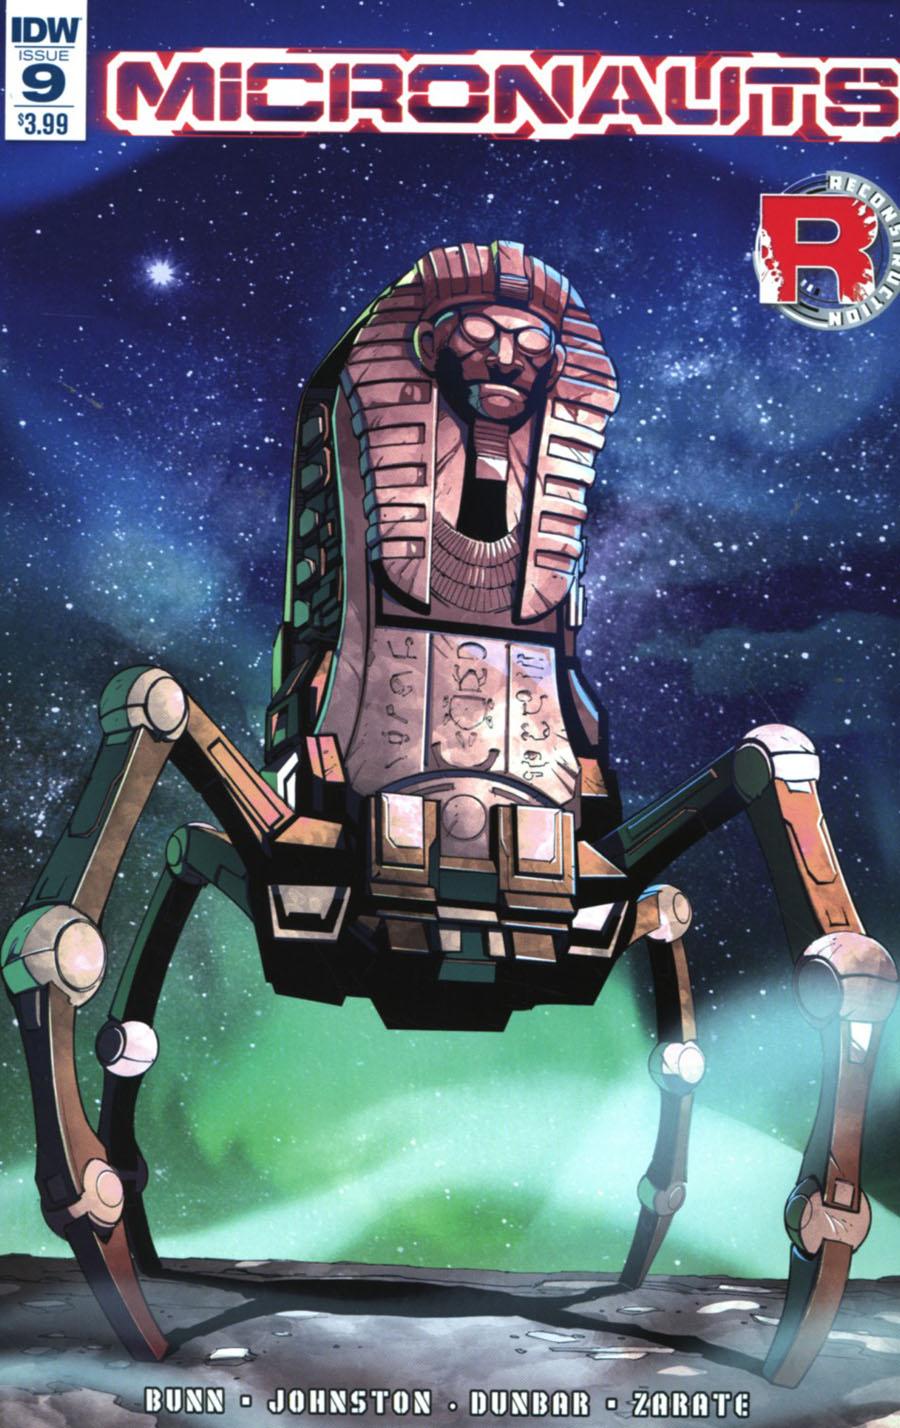 Micronauts Vol 5 #9 Cover A Regular Max Dunbar Cover